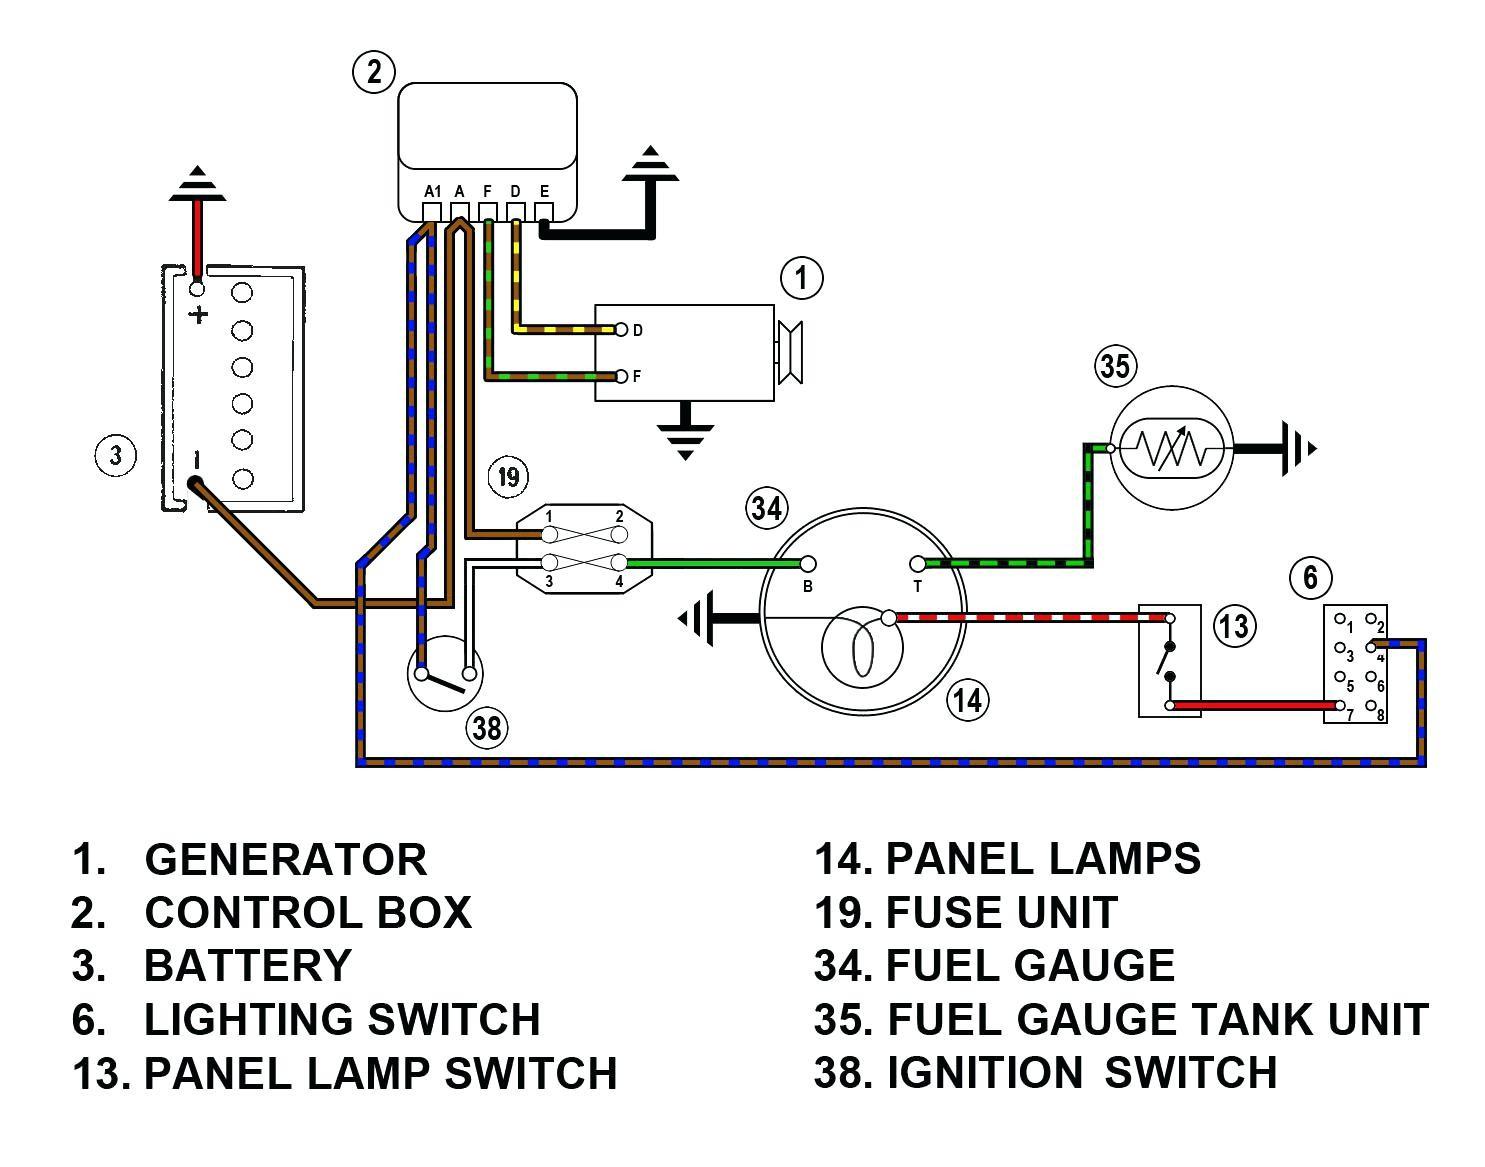 Ezgo Fuel Gauge Wiring Diagram - Basic Wiring Diagram •